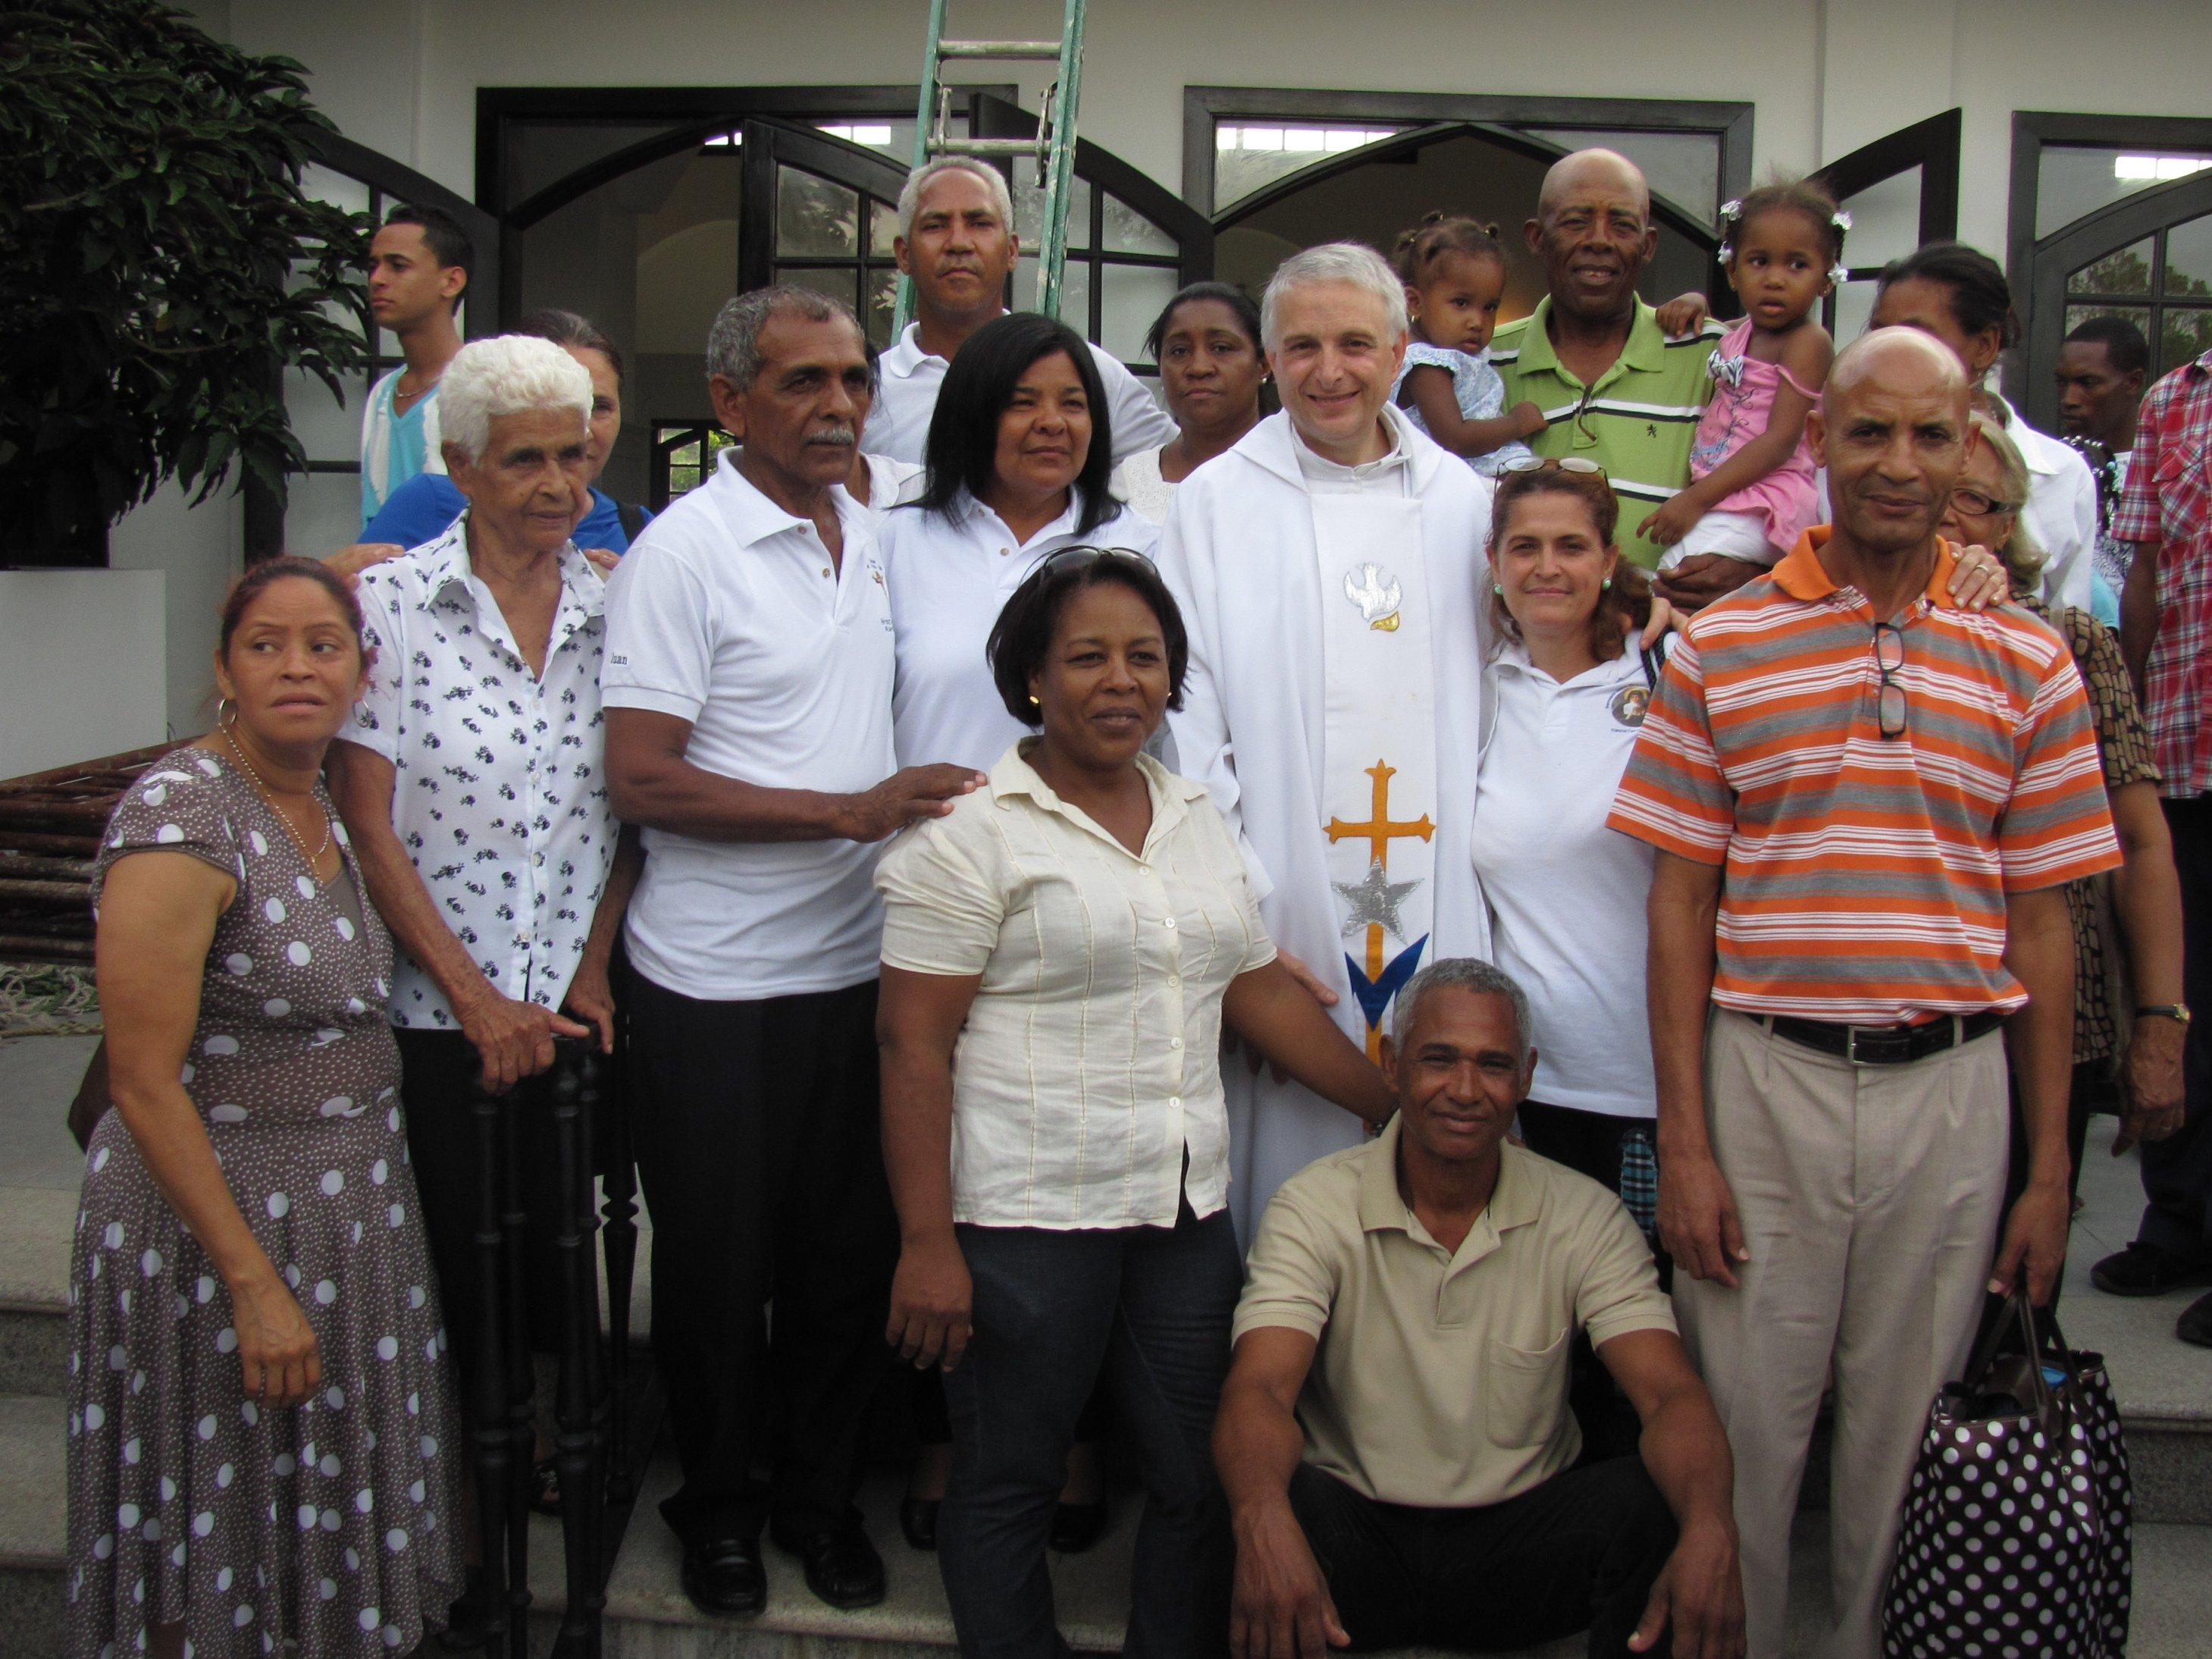 guaricano_convivencia_2012-06-24-17-49-15